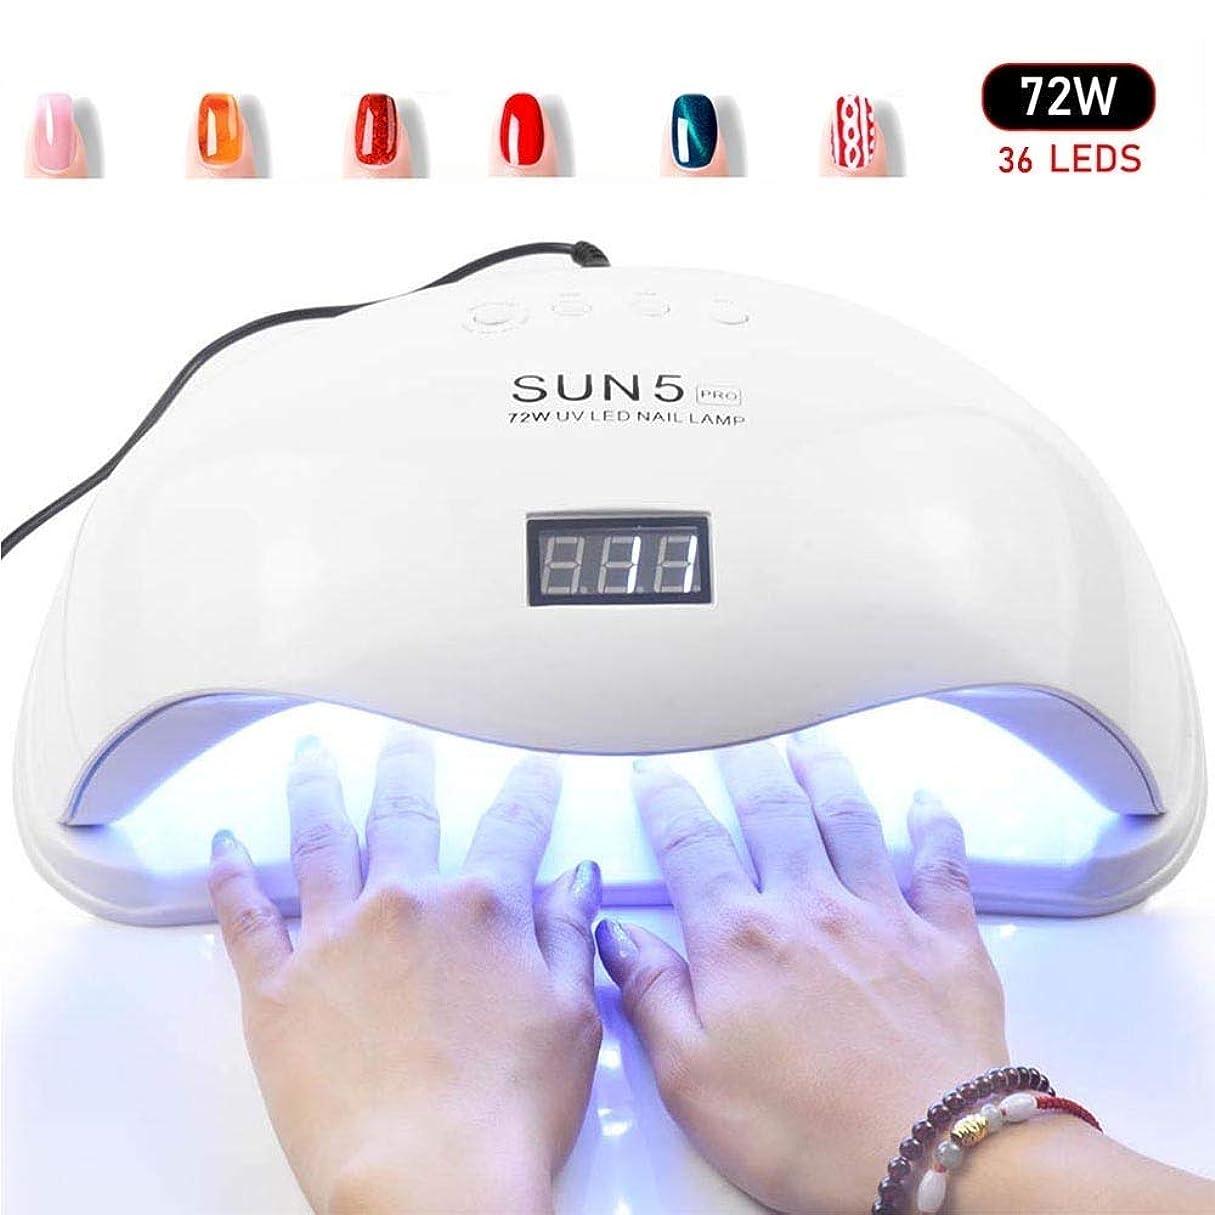 頑固なアイドル夕食を作る72W UVライト LEDネイルランプ LED ネイルドライヤー 赤外線センシング 10/30 / 60s/99sタイマー設定 速乾 UVライトネイルポリッシュ用 (72W)